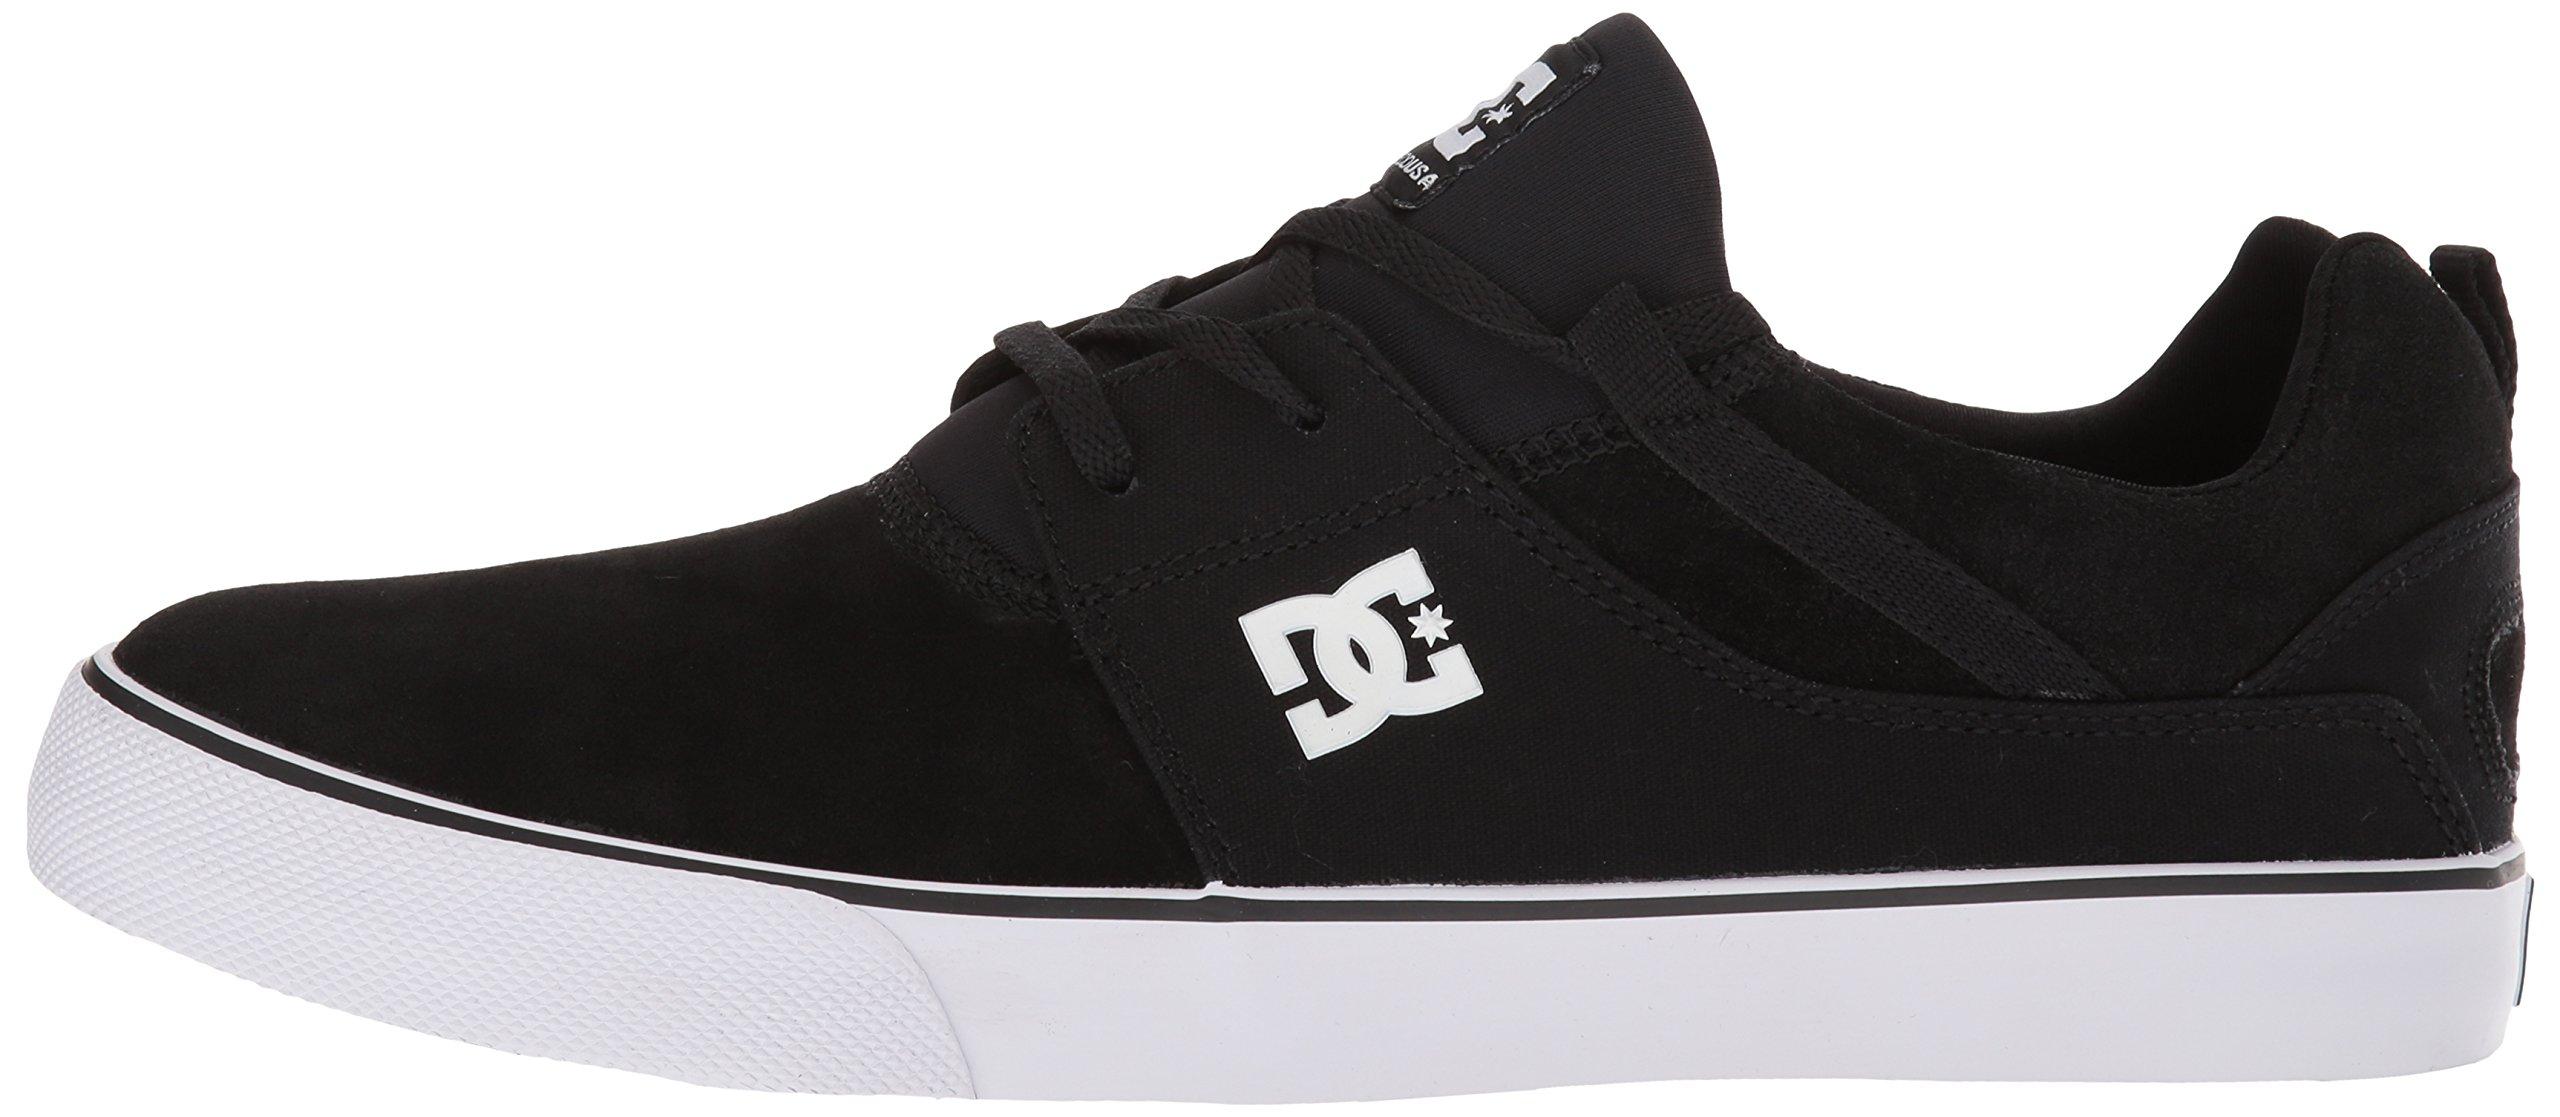 Details about DC Men's Heathrow Vulc Skate Shoe, BlackWhite, 6 Choose SZcolor